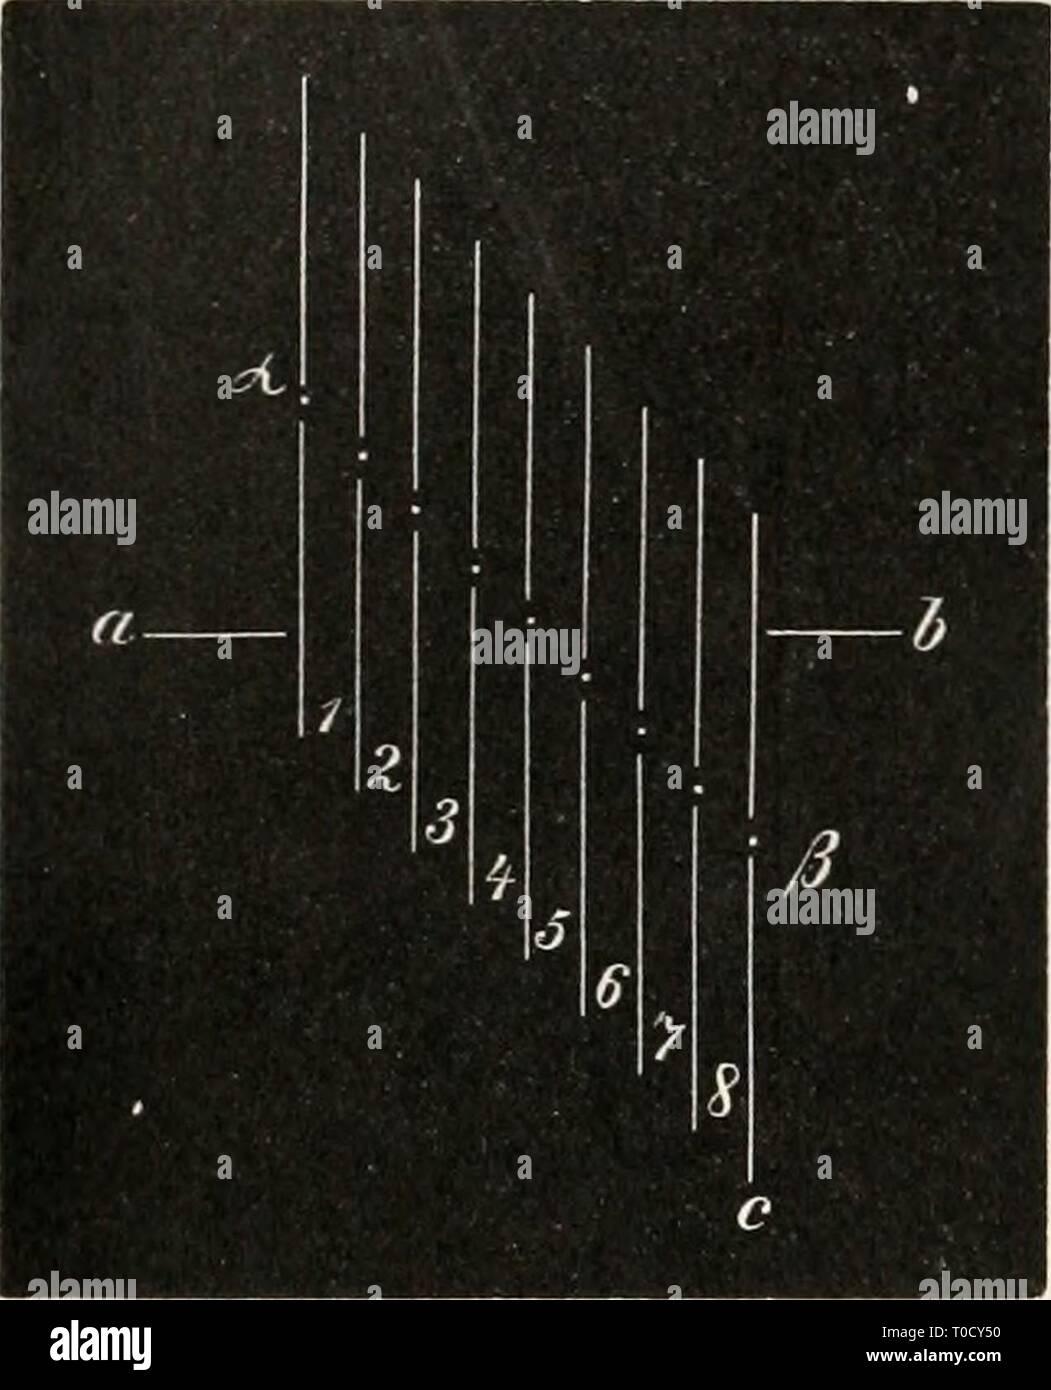 """Elektrophysiologie (1895) Elektrophysiologie elektrophysiolog00bied Year: 1895  Die elektromotorischen Wirkunofen der Muskeln. 329 durch die von den Nerveneintrittsstellen (a — ß) ausgehenden Er- regungswellen früher und stärker beeinflusst werden müssen, als die unteren, der Achillessehne entsprechenden Faserenden. Es wird also zunächst ein absteigender, dann aber ein schwächerer aufsteigender Actionsstrom resultiren. """"Die obere Muskelhälfte müsste gerade um- gekehrt zuerst aufsteigend, dann absteigend wirken; jedoch ist der Bau des Muskels hier wesentlich anders; der grösste Theil des oberen Stock Photo"""